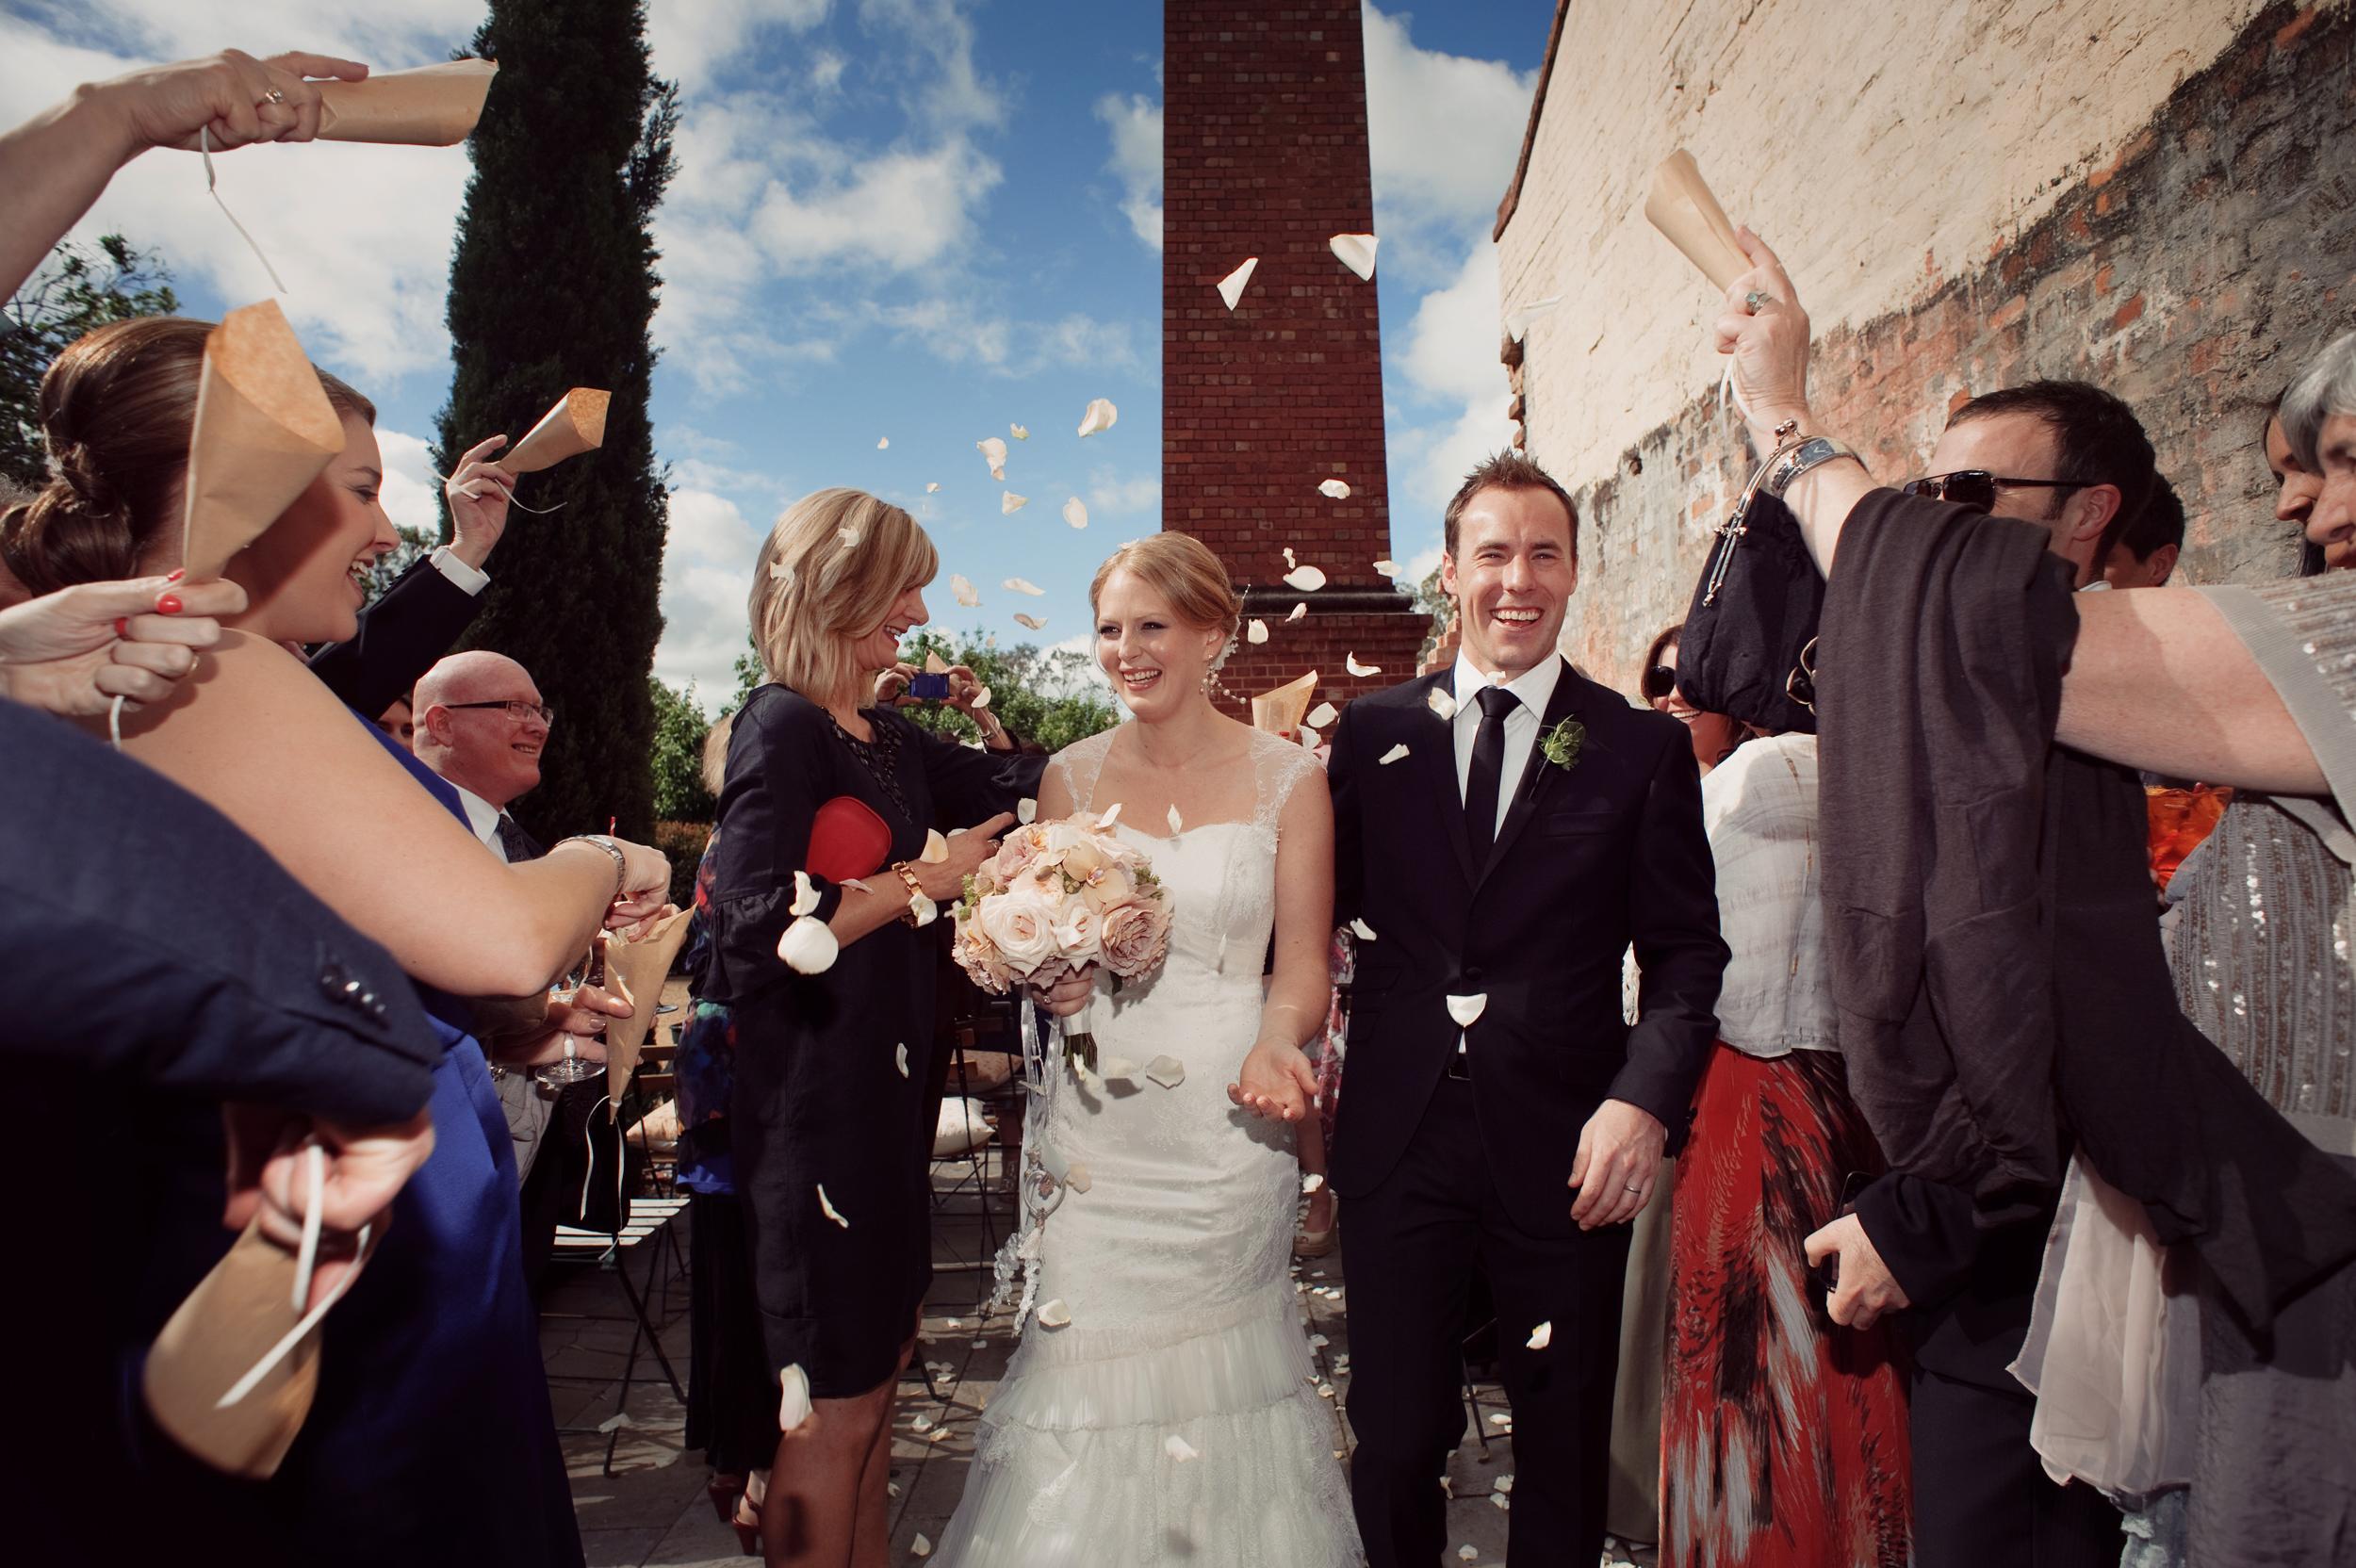 euroa_butter_factory_wedding_photography_68.jpg